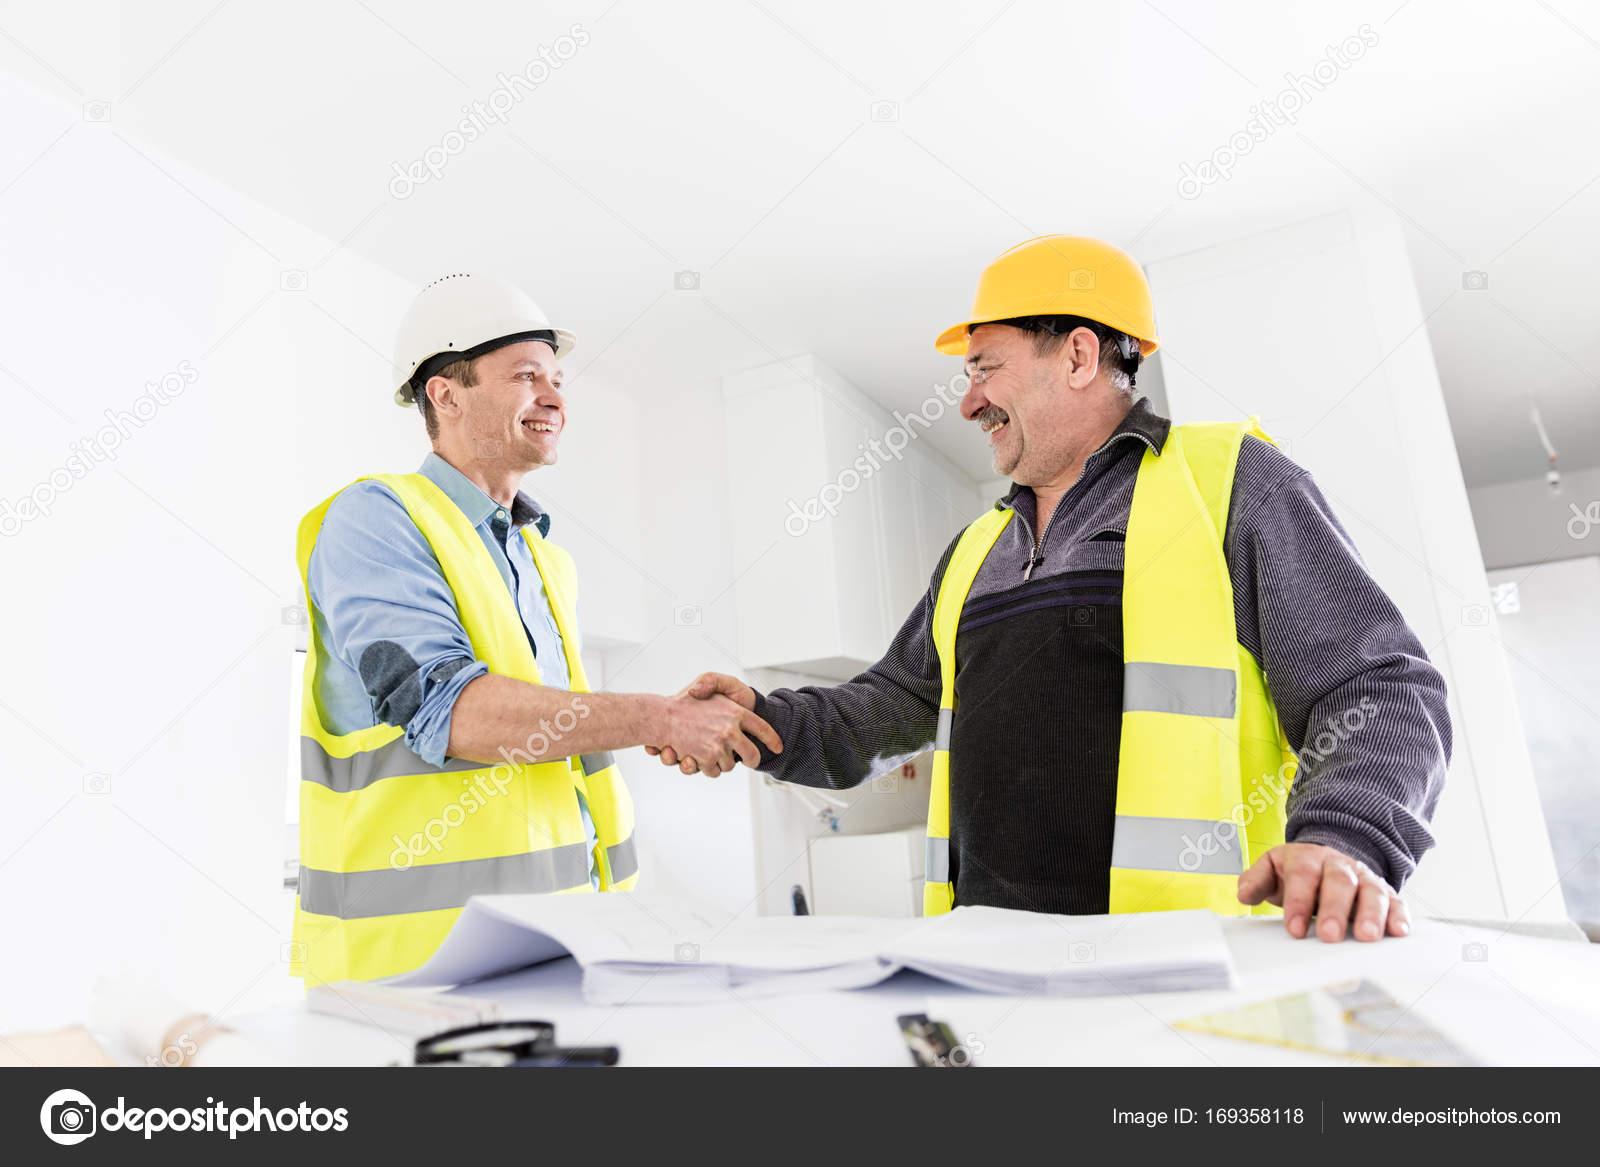 Apret n de manos de ingeniero arquitecto y la construcci n for Ingeniero arquitecto